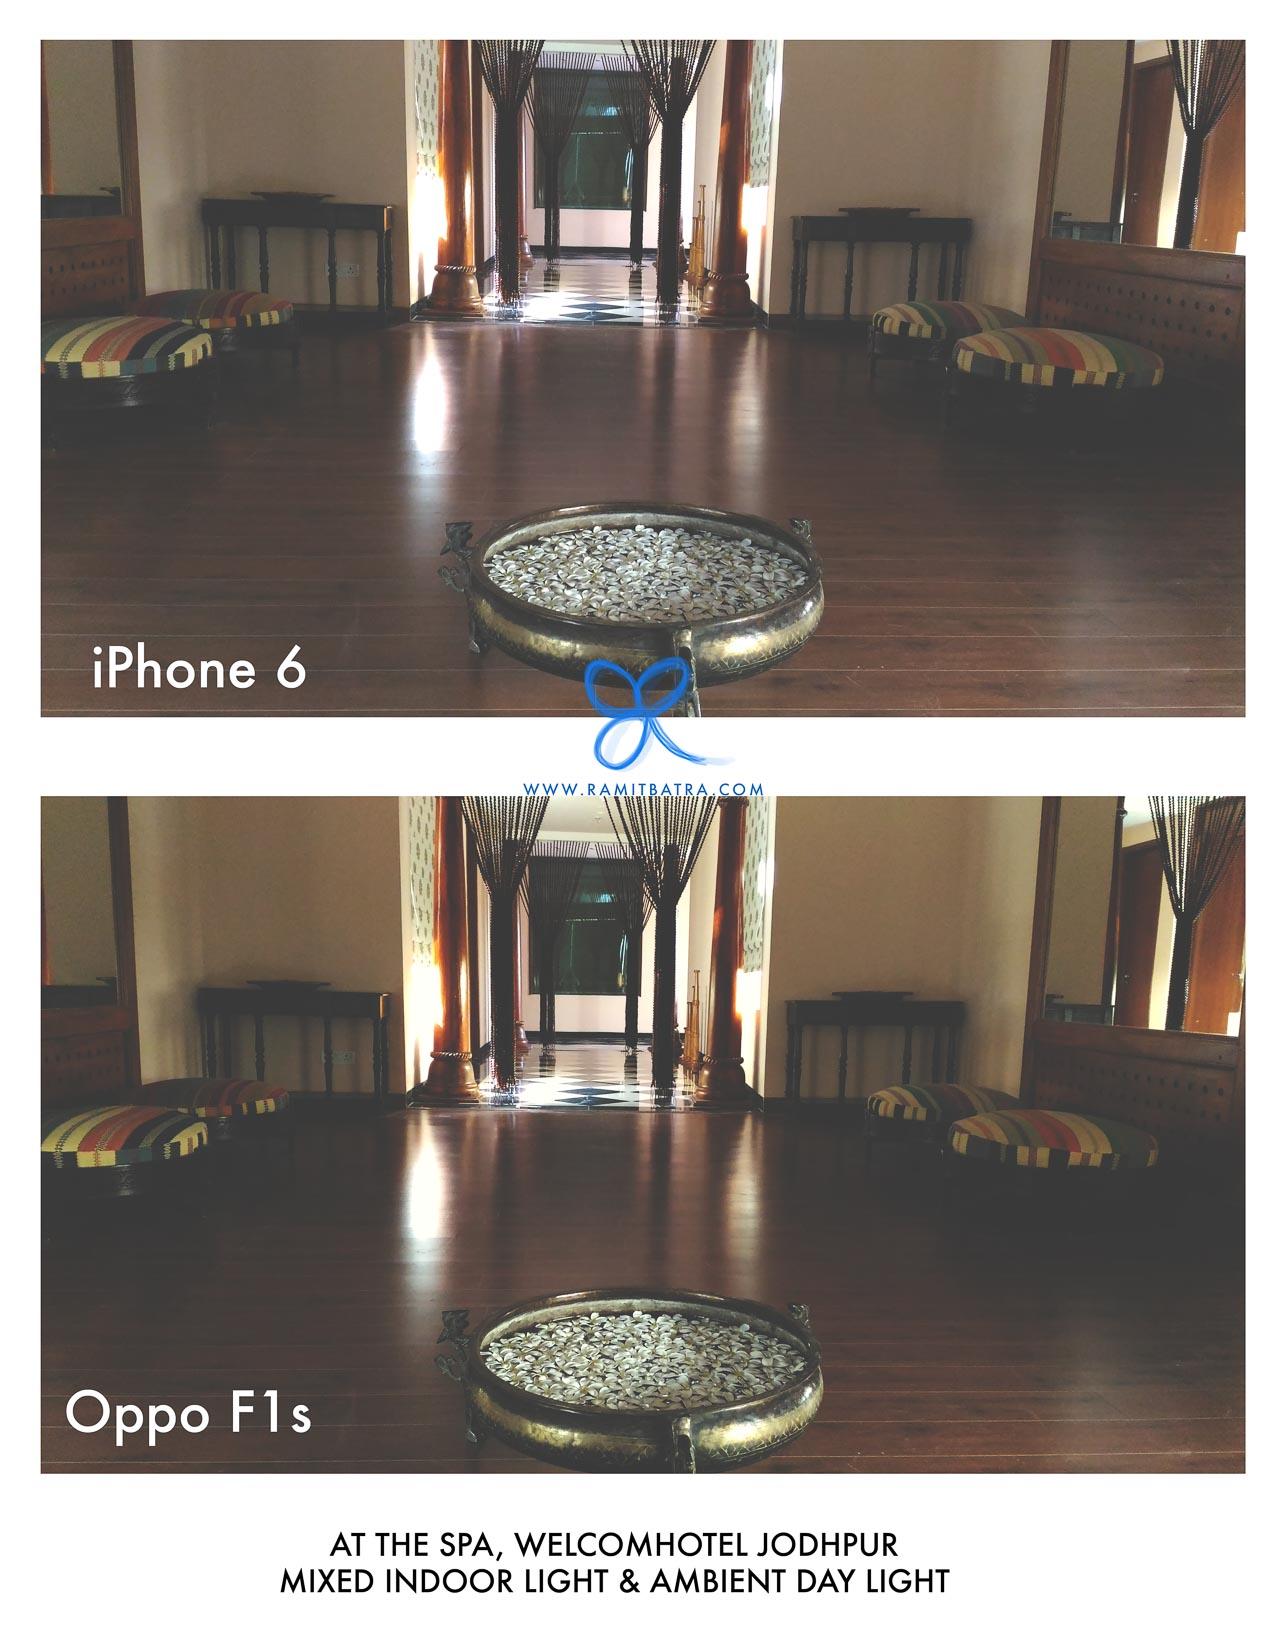 Oppo-F1s-SelfieExpert-RamitBatra-C02